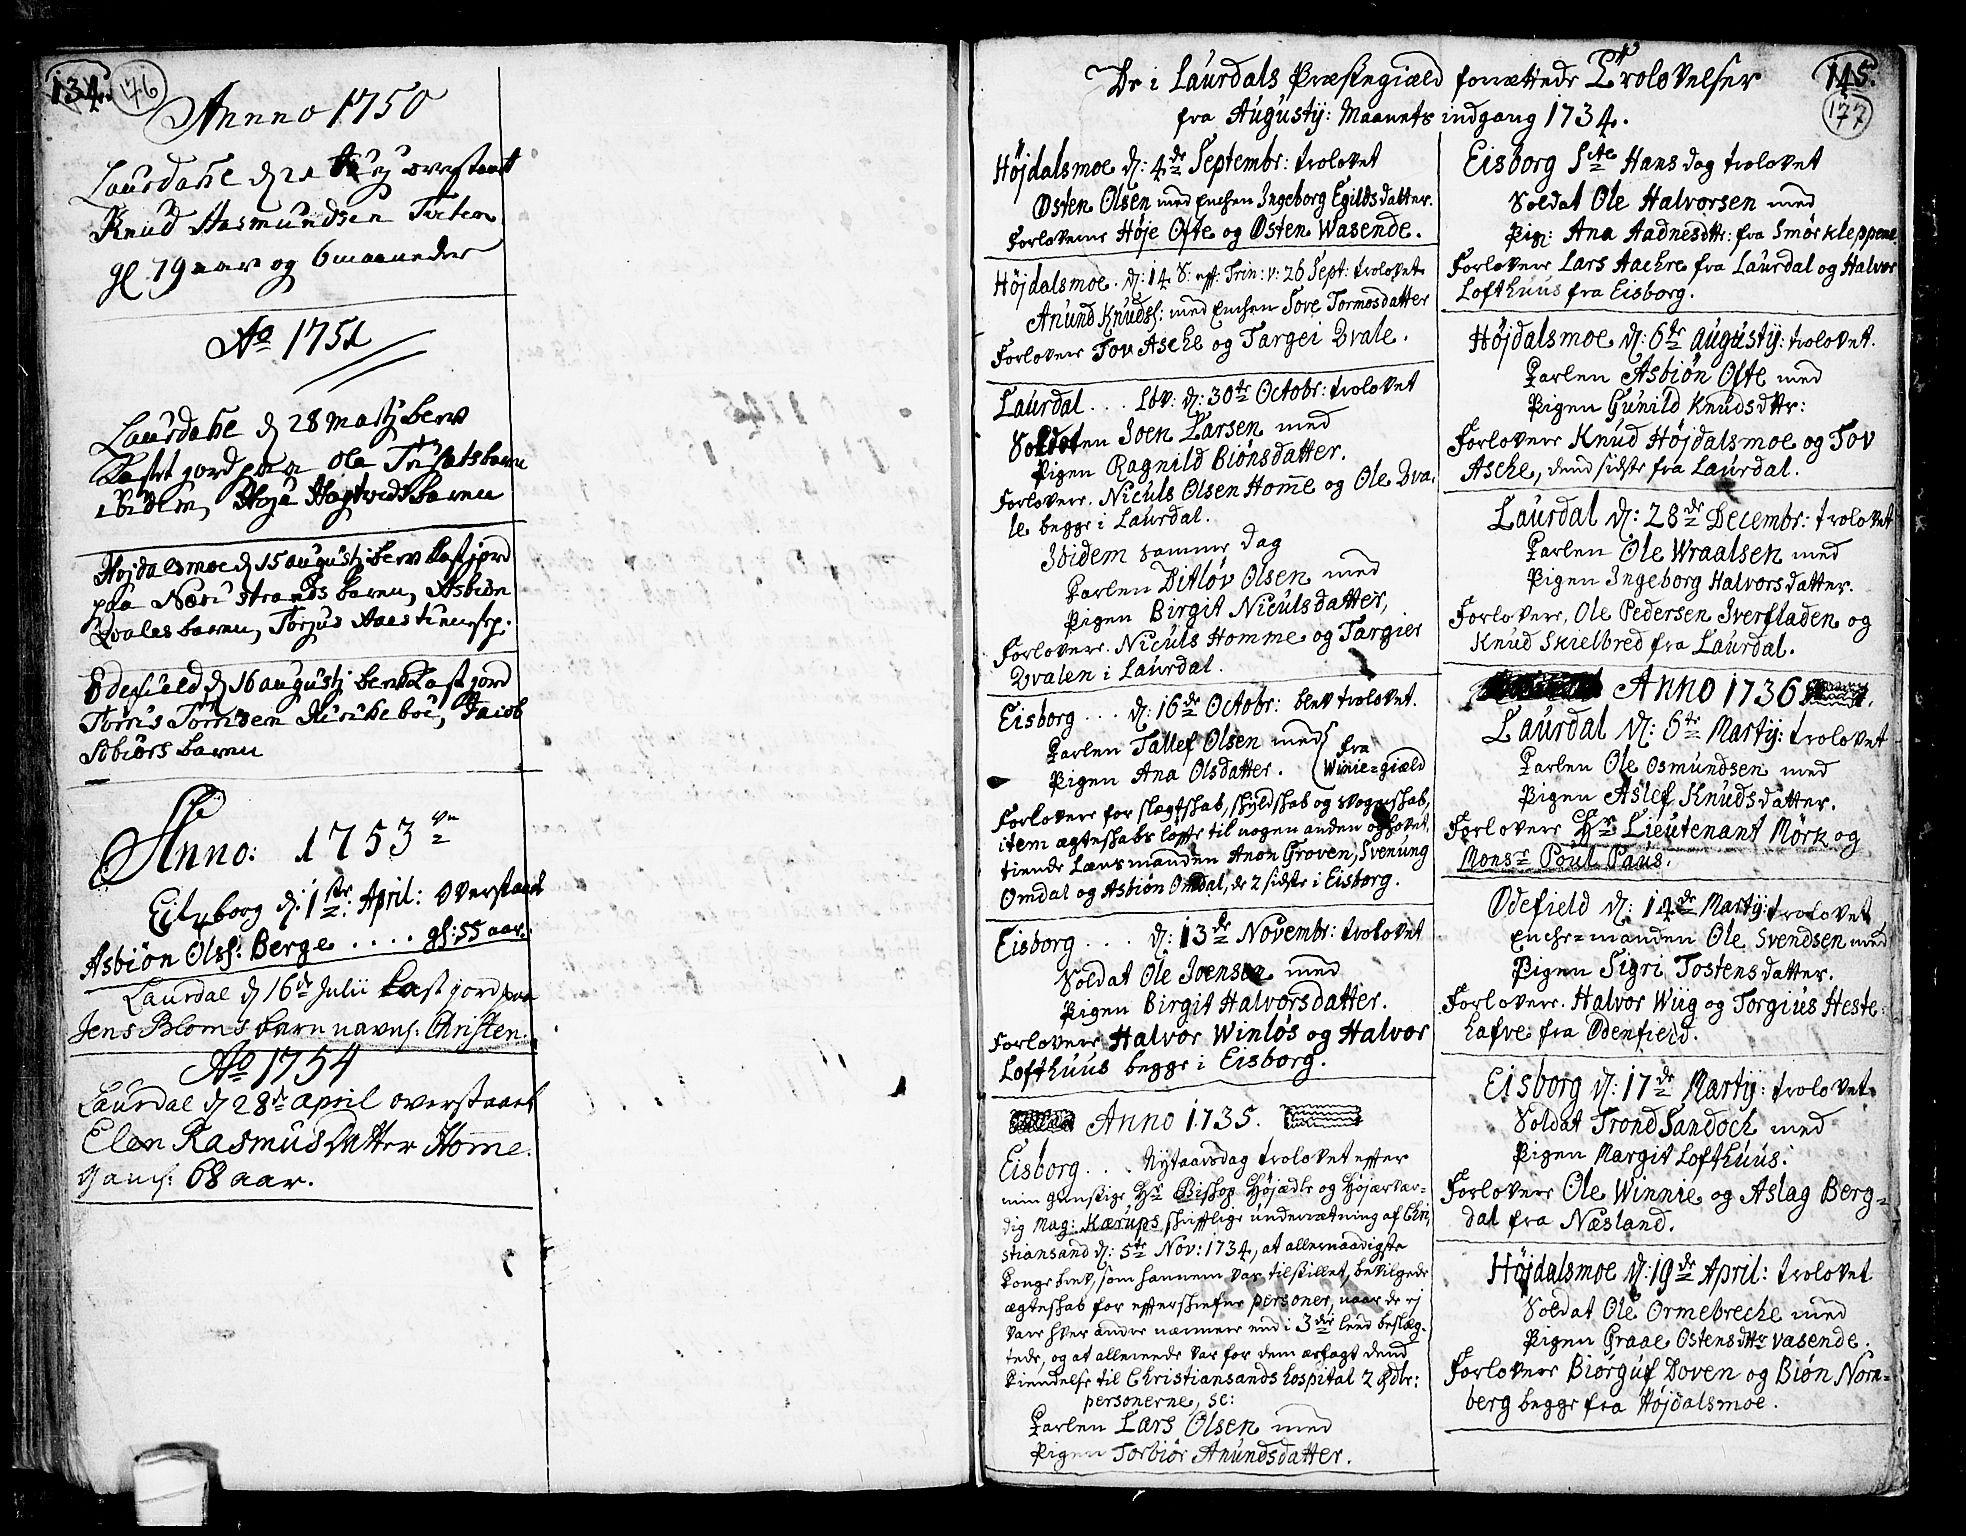 SAKO, Lårdal kirkebøker, F/Fa/L0002: Ministerialbok nr. I 2, 1734-1754, s. 176-177